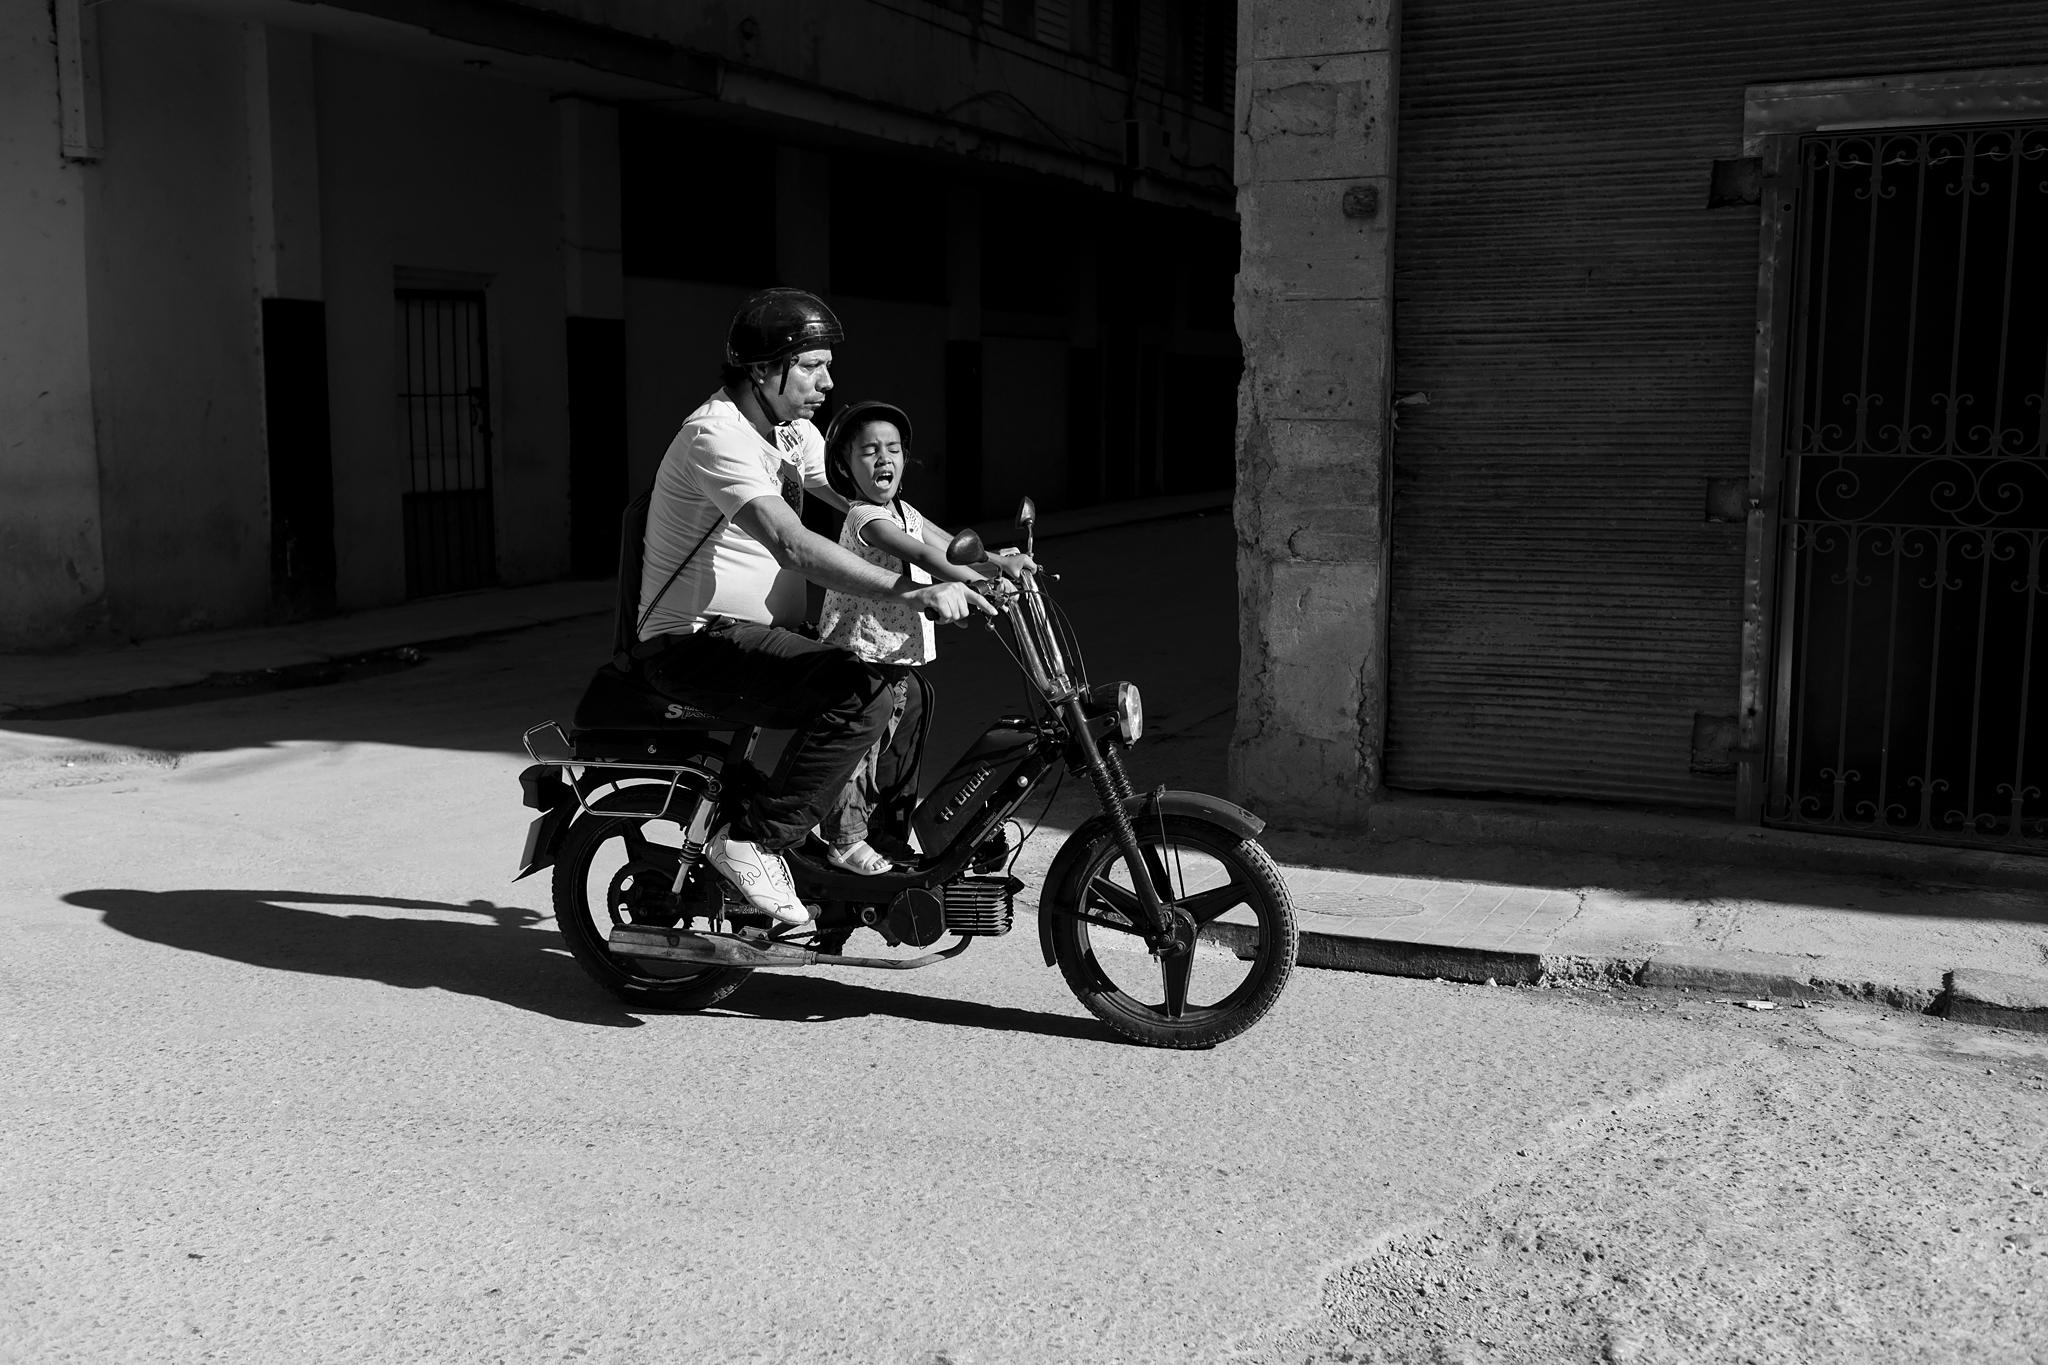 Born To Be Wild - La Habana Vieja, Cuba, 2017